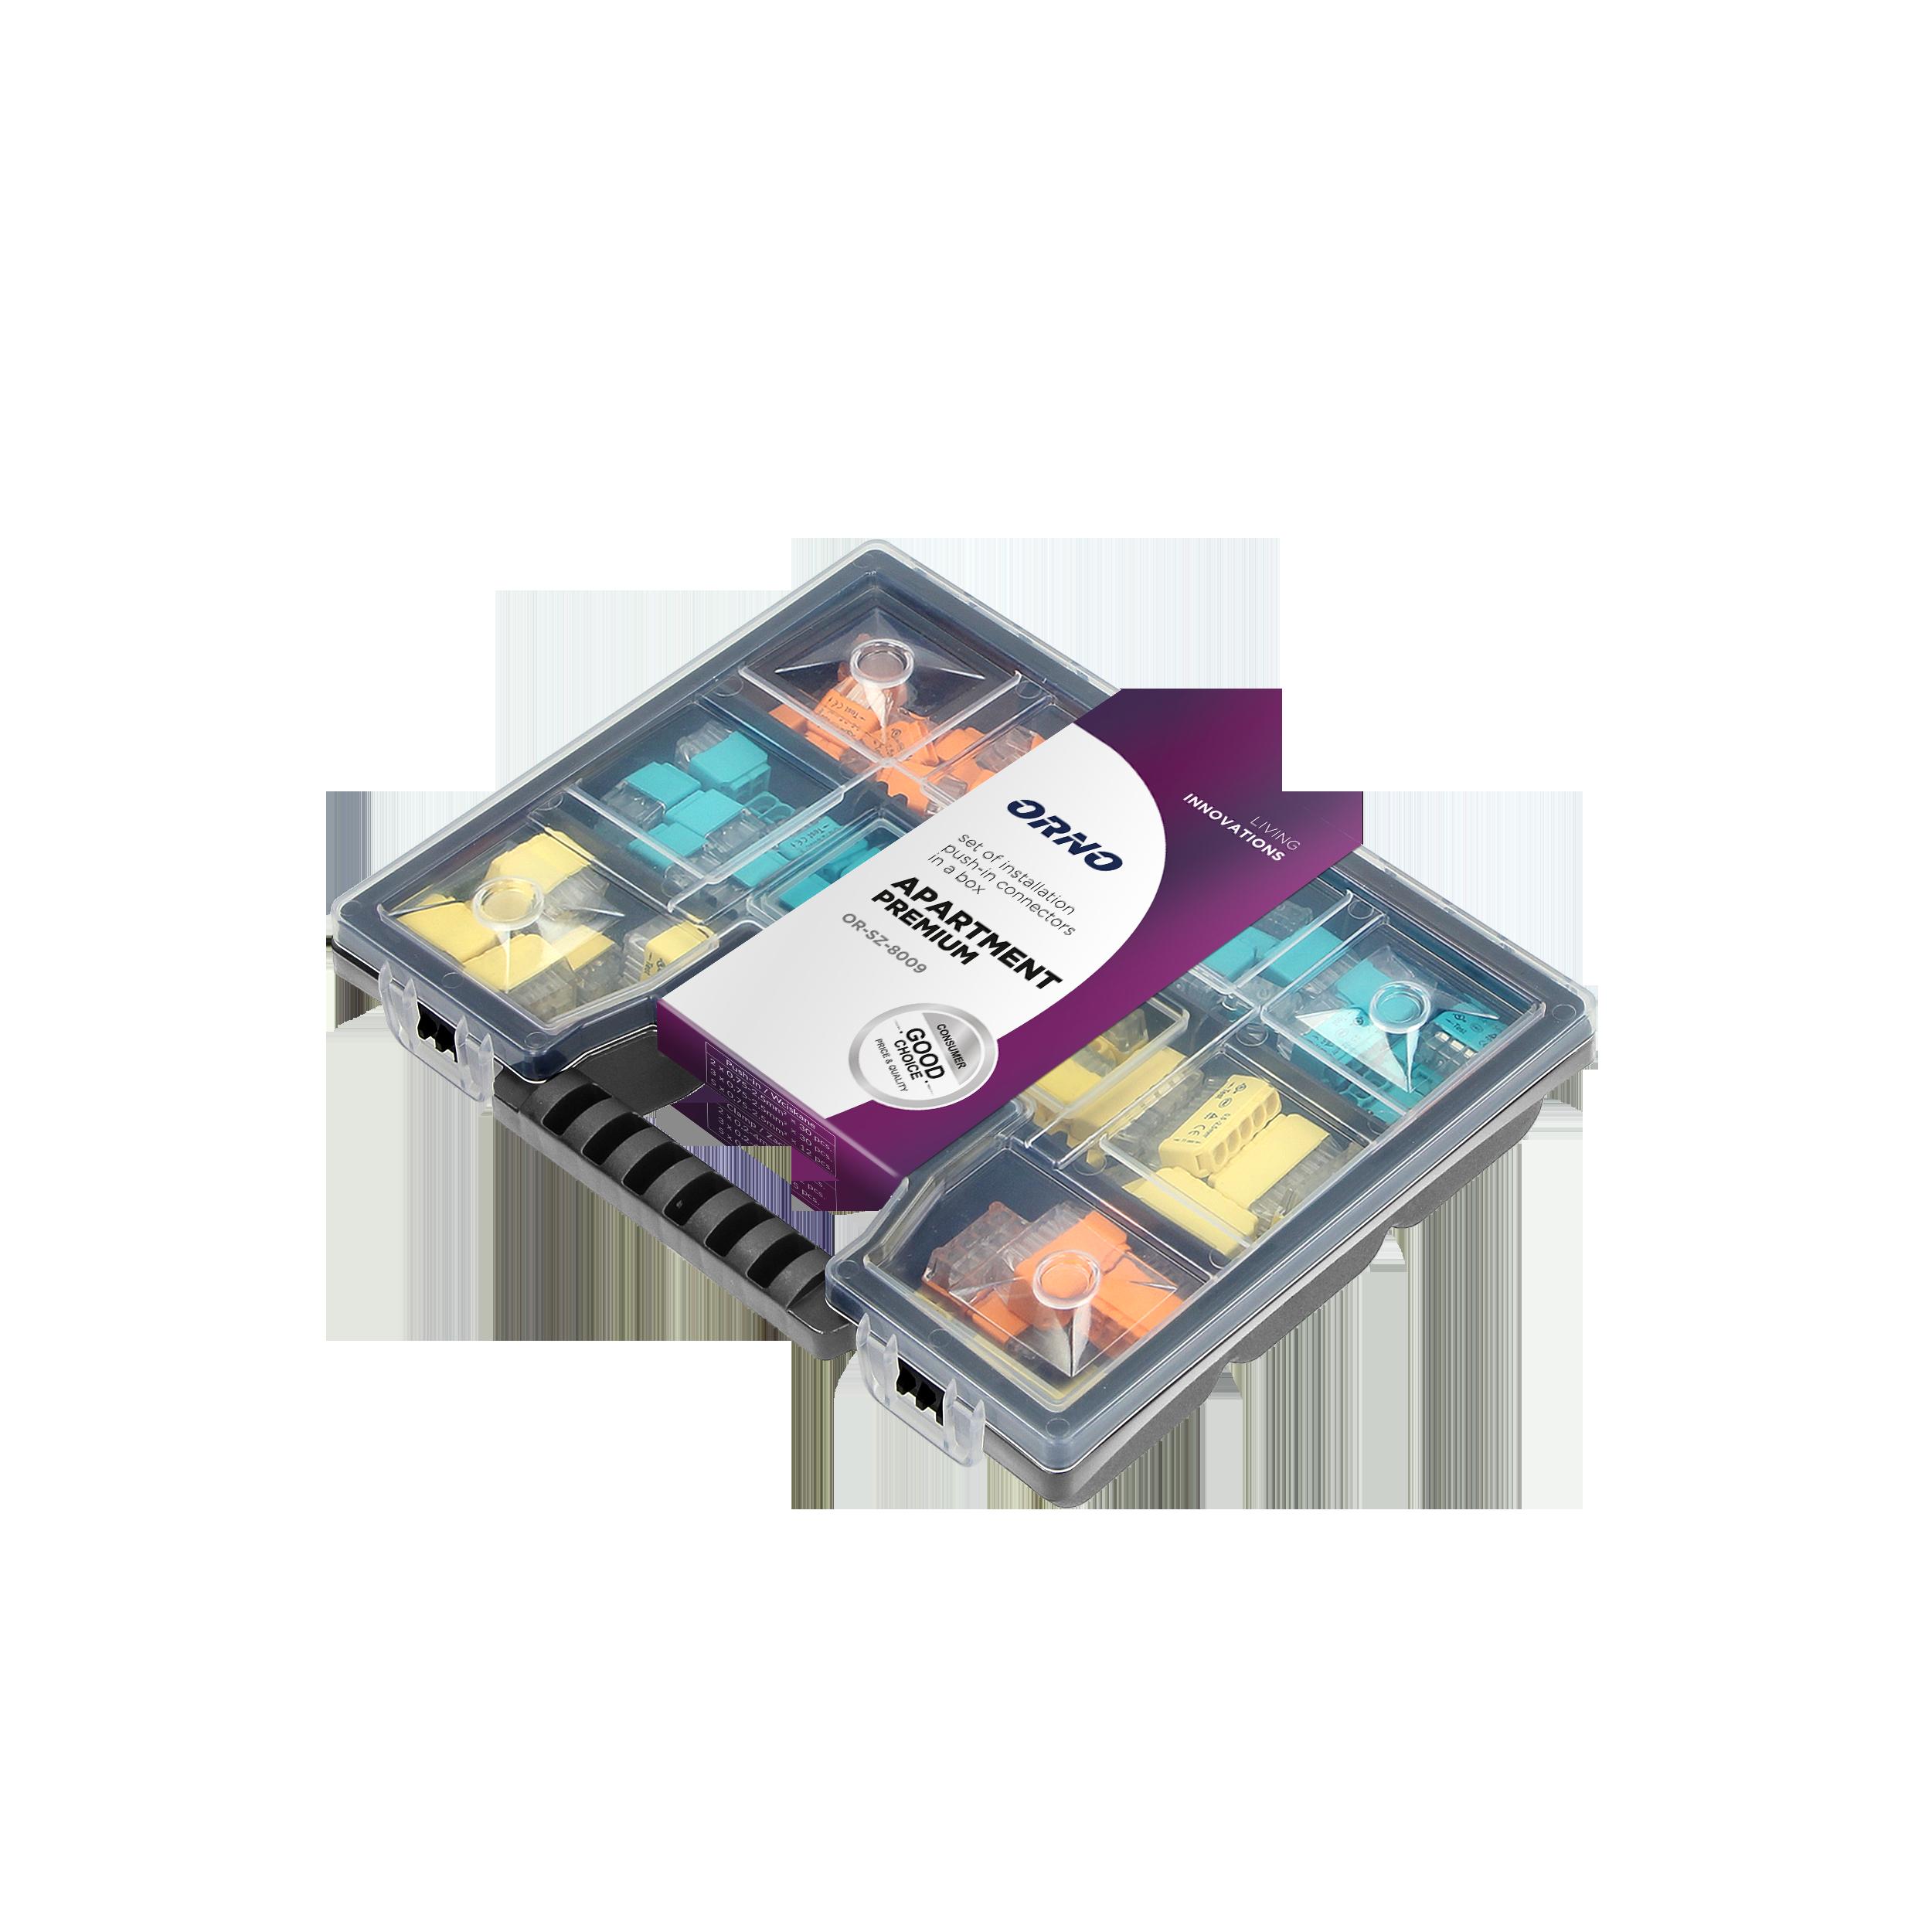 APARTMENT PREMIUM - set of 109pcs of installation push-in (30x2, 30x3, 12x5) and clamp connectors (20x2, 12x3, 5x5) in a box.